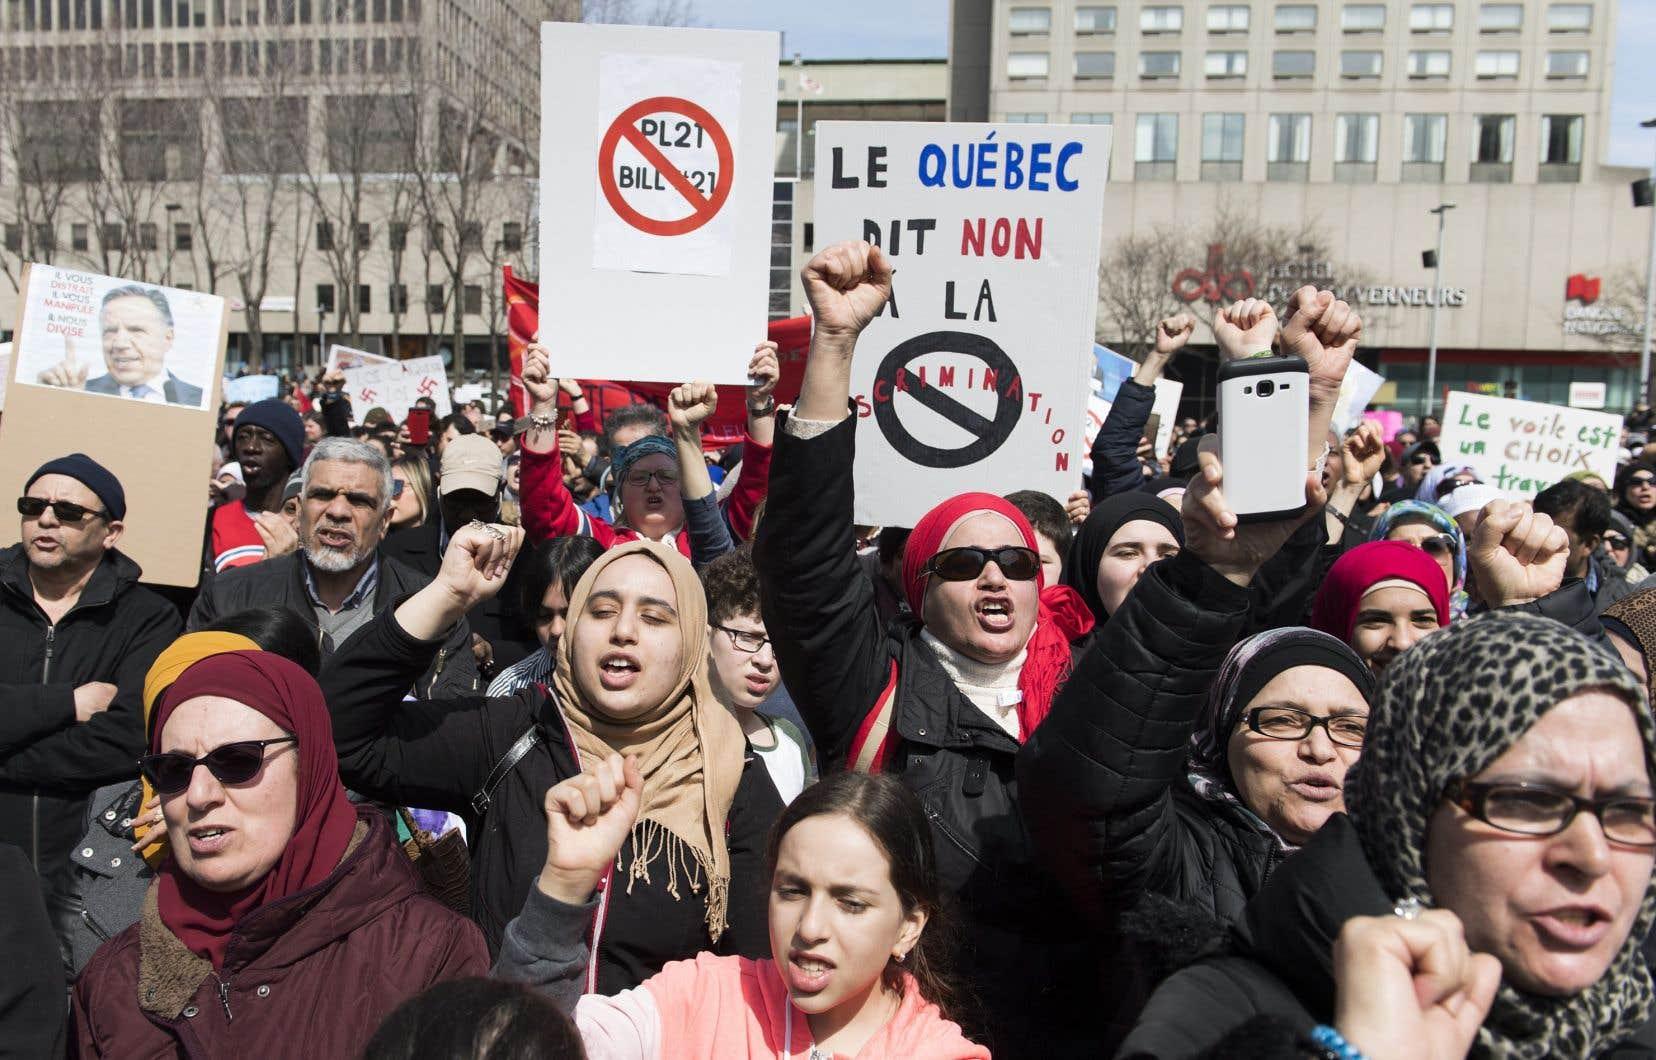 «Plaider la tradition civiliste du Québec, demander aux tribunaux, et spécialement à la Cour suprême, plus de retenue et une interprétation de la loi 21 selon la volonté du législateur pourrait être vain: en matière de religion tout au moins, la Cour suprême tient à la tradition de common law dans laquelle les juges font la loi», écrit l'autrice.